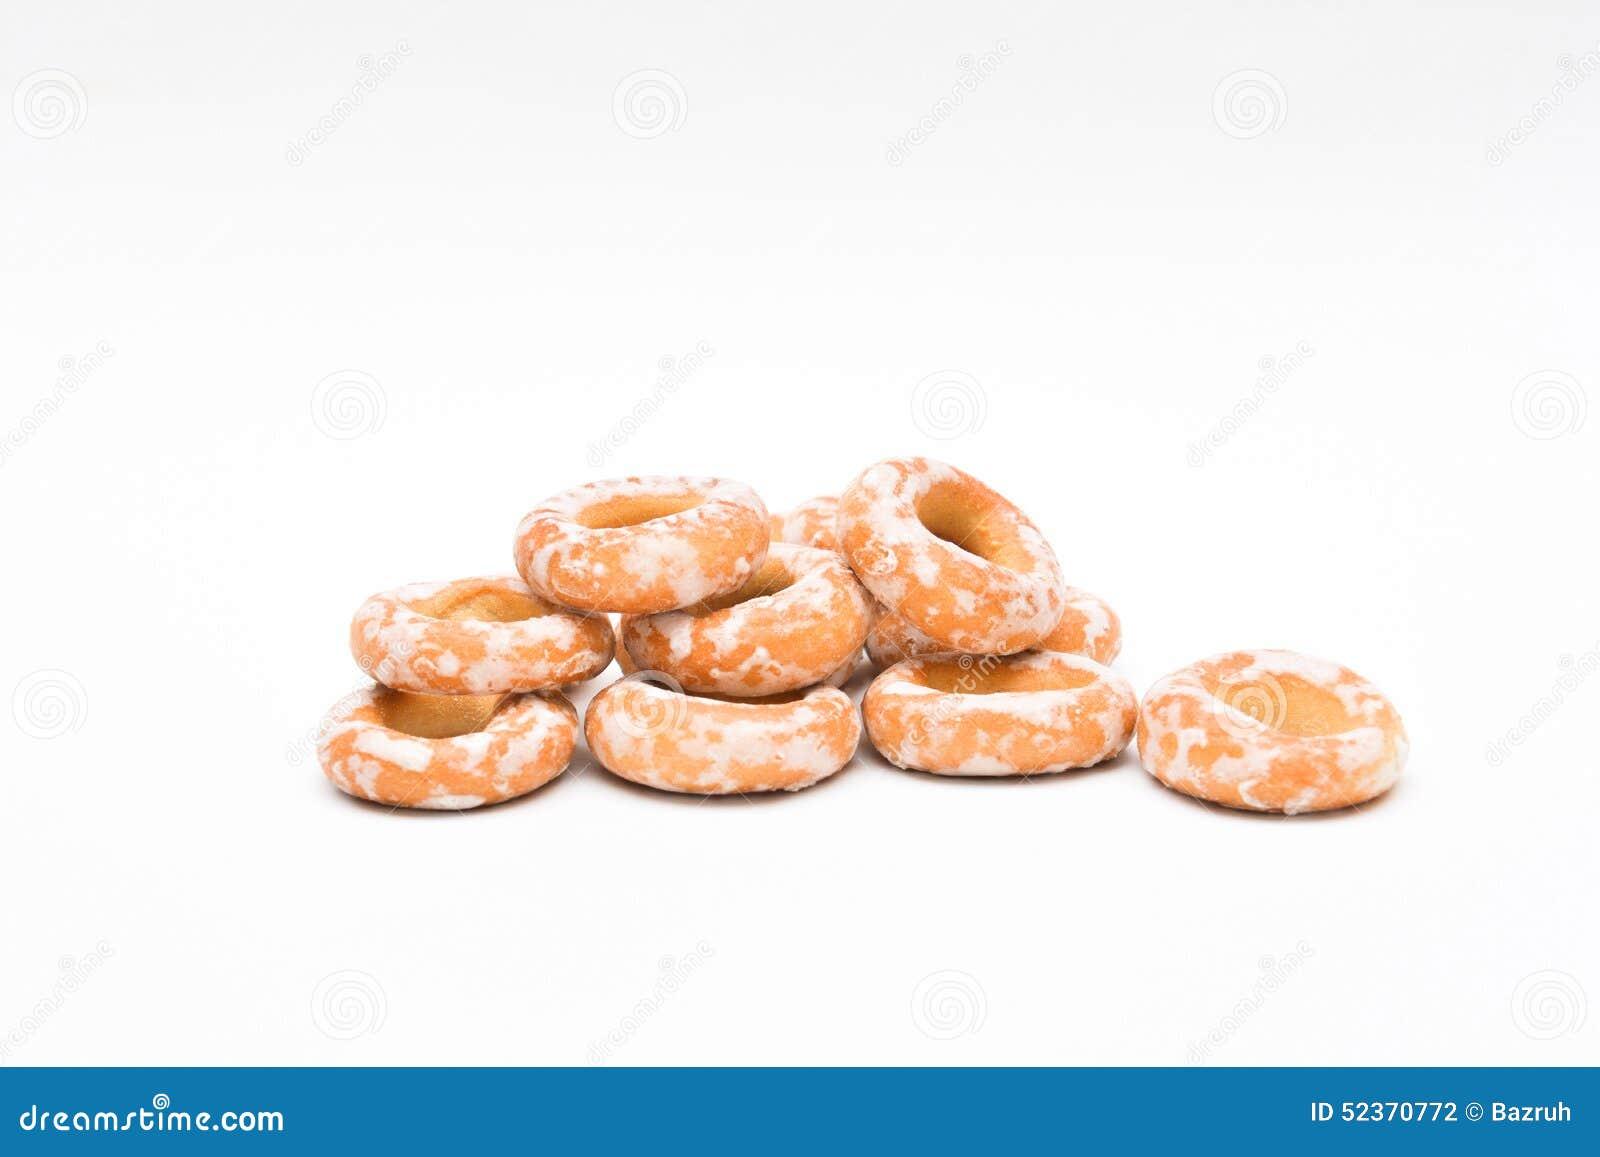 Pasticcerie, bagel in zucchero su fondo bianco